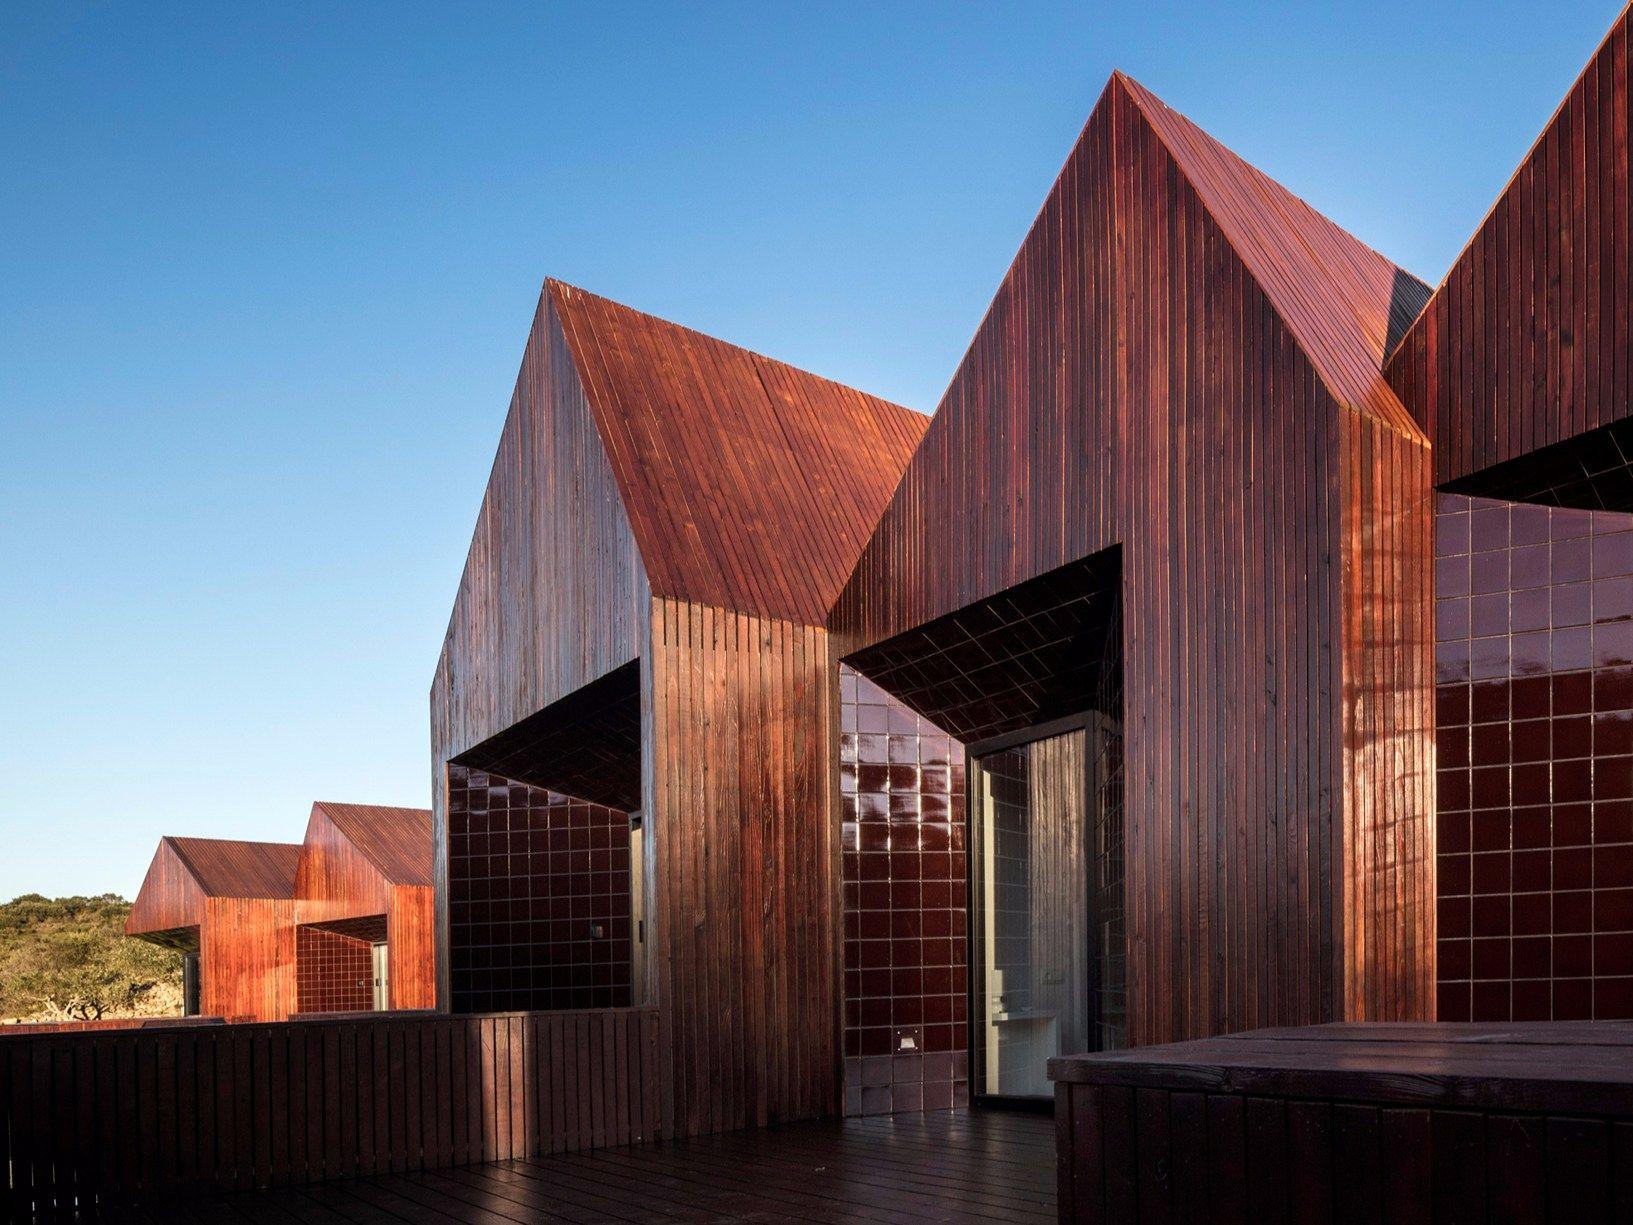 Ampliamento di un centro termale a Mêda, in Portogallo